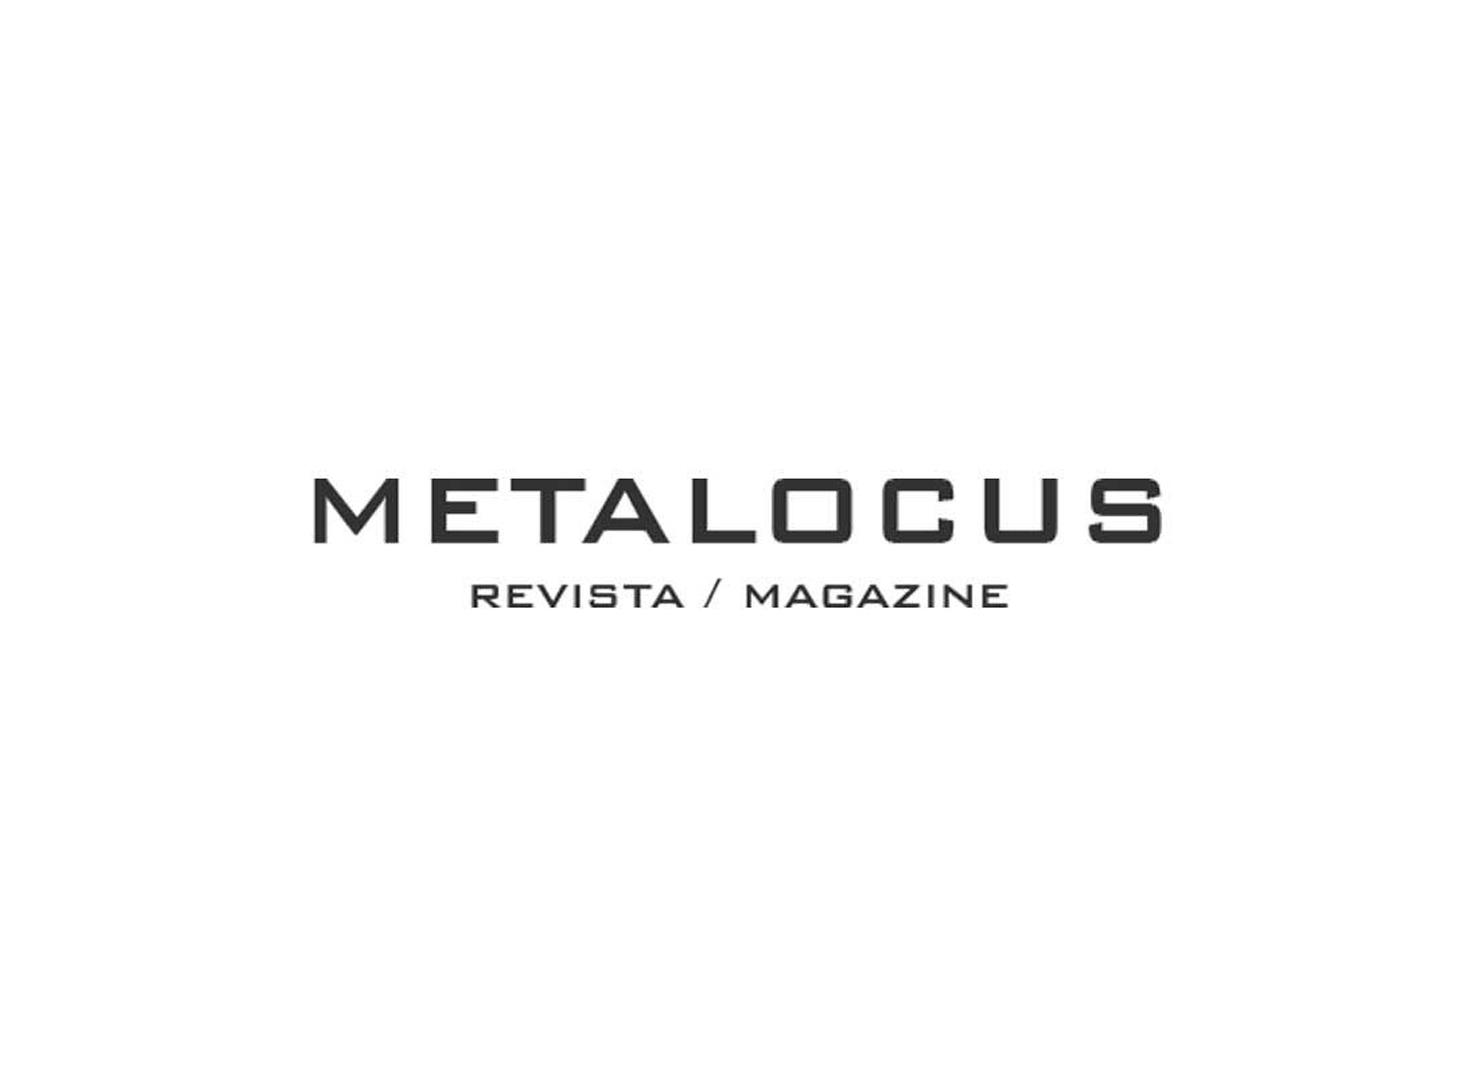 metalocus_cumulolimbo-studio_natalia-matesanz